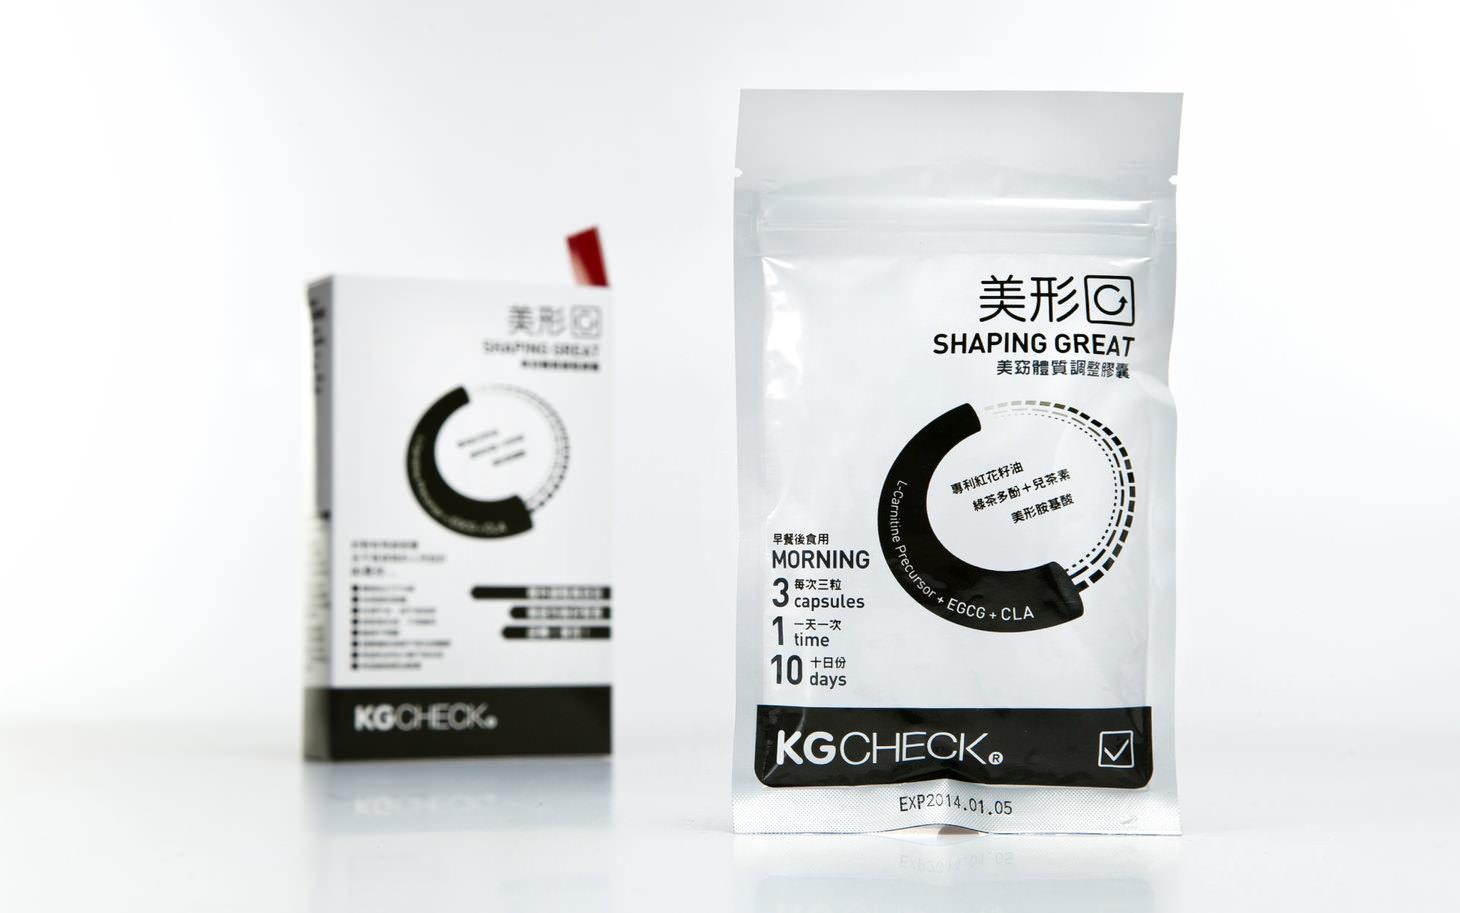 KGC_1960X1225_8.jpg